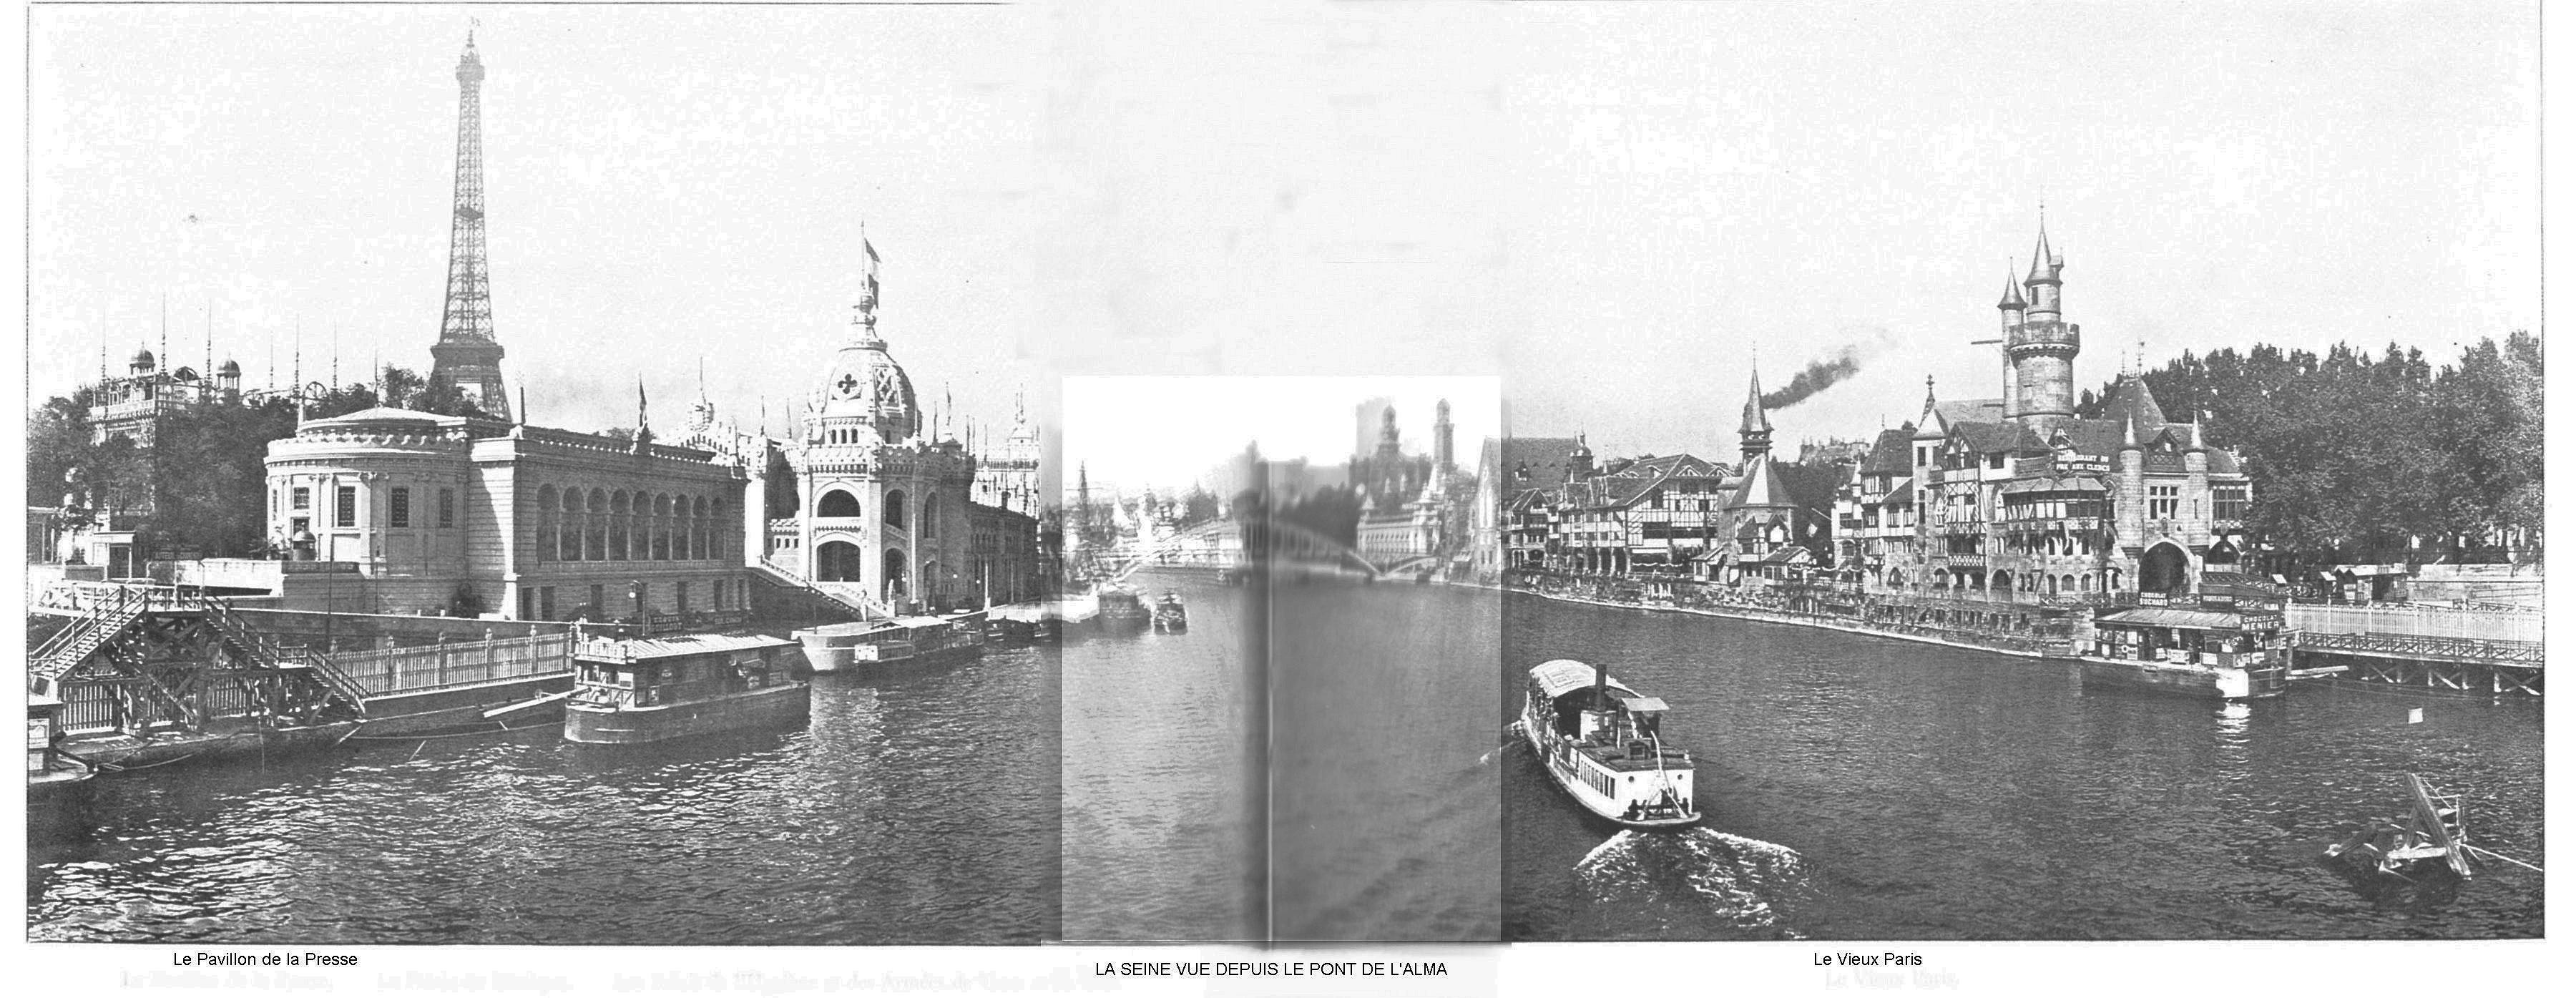 Ressources histoire exposition universelle 1900 la seine vu depuis le pont de l alma